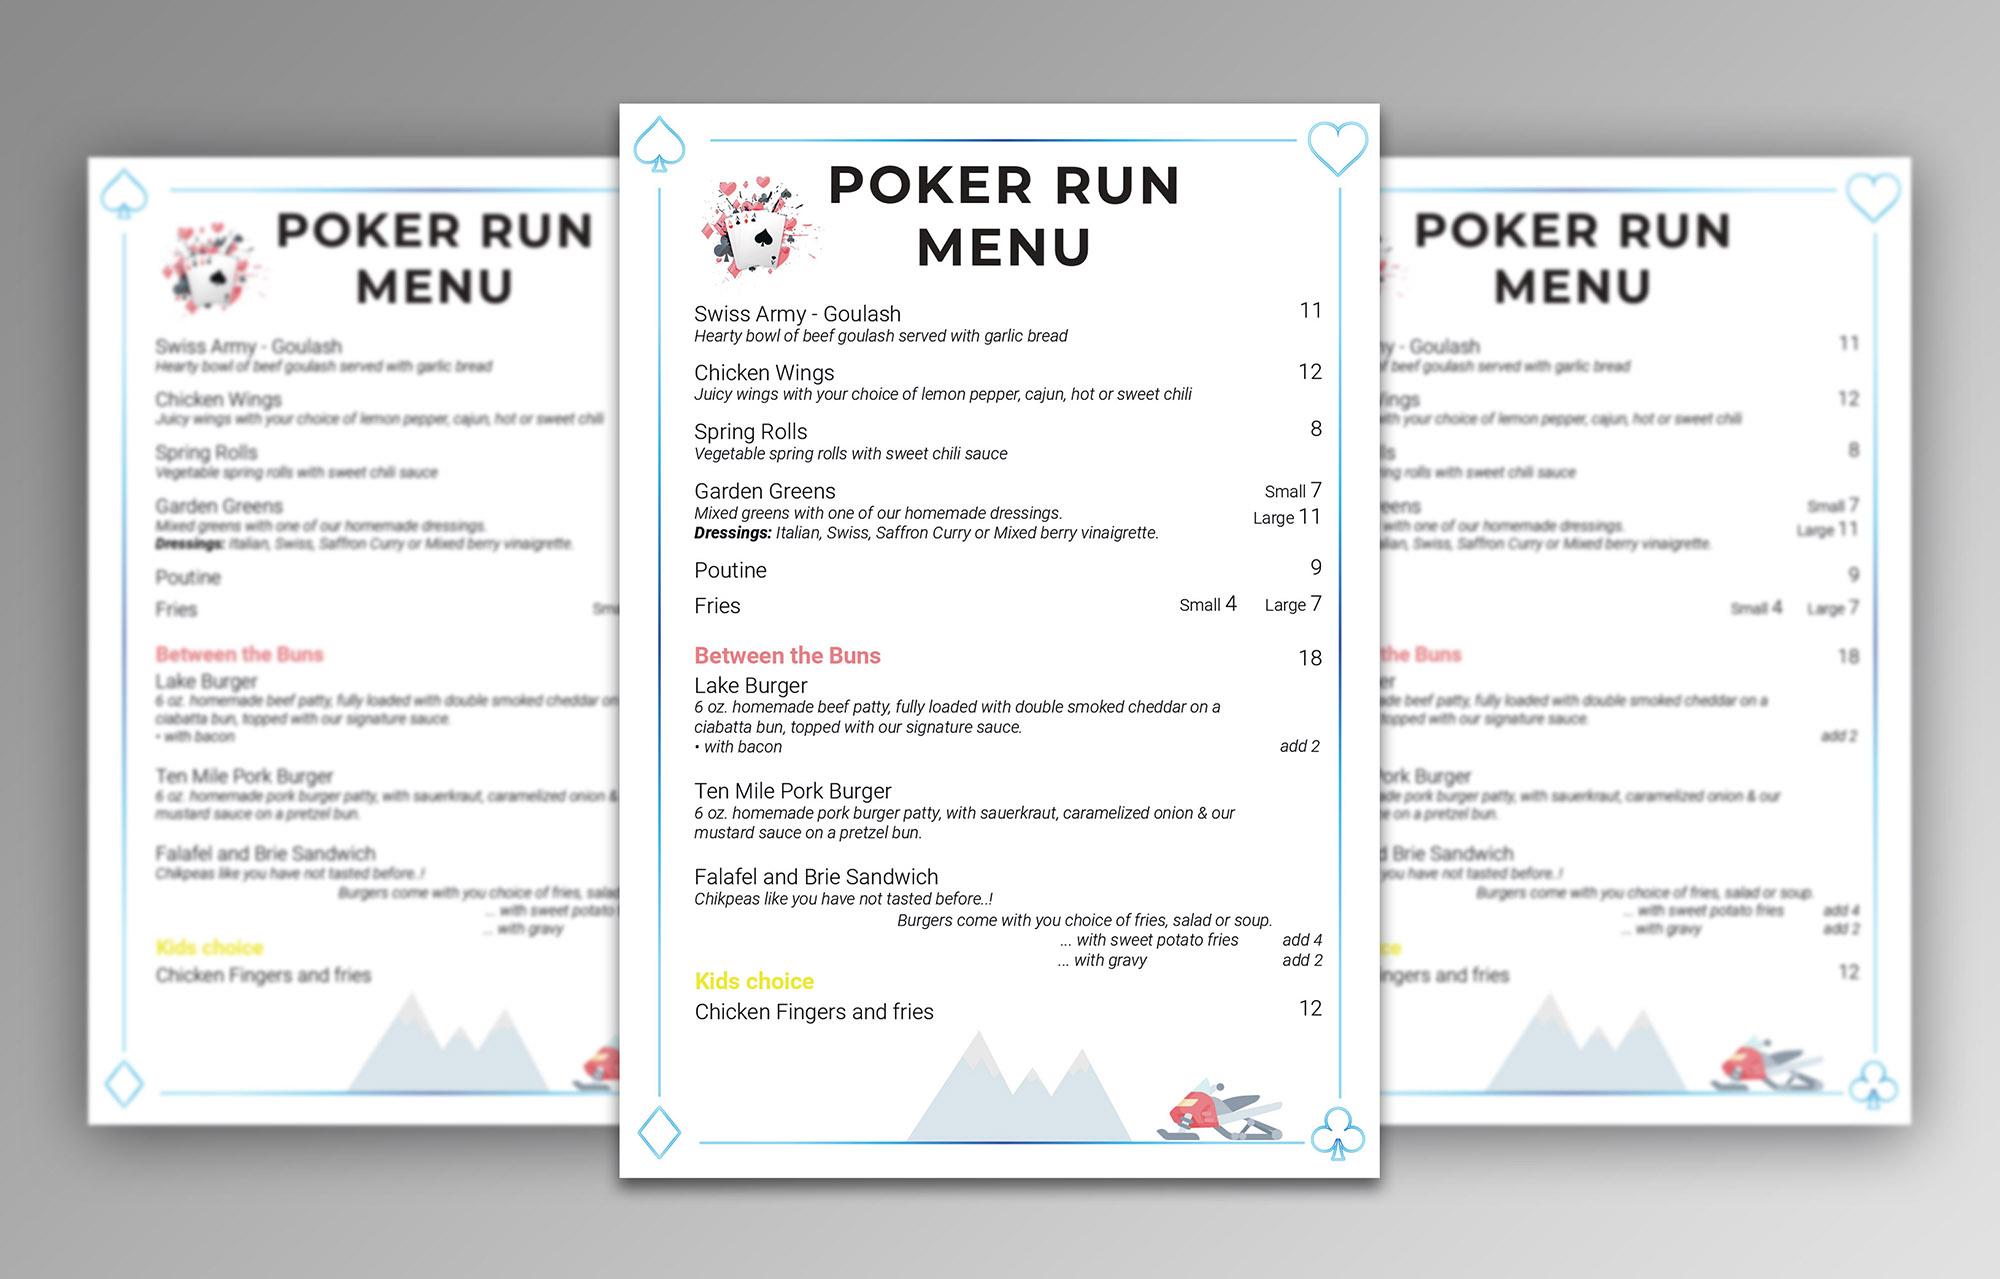 Menu Poker Run - Marie Naudon